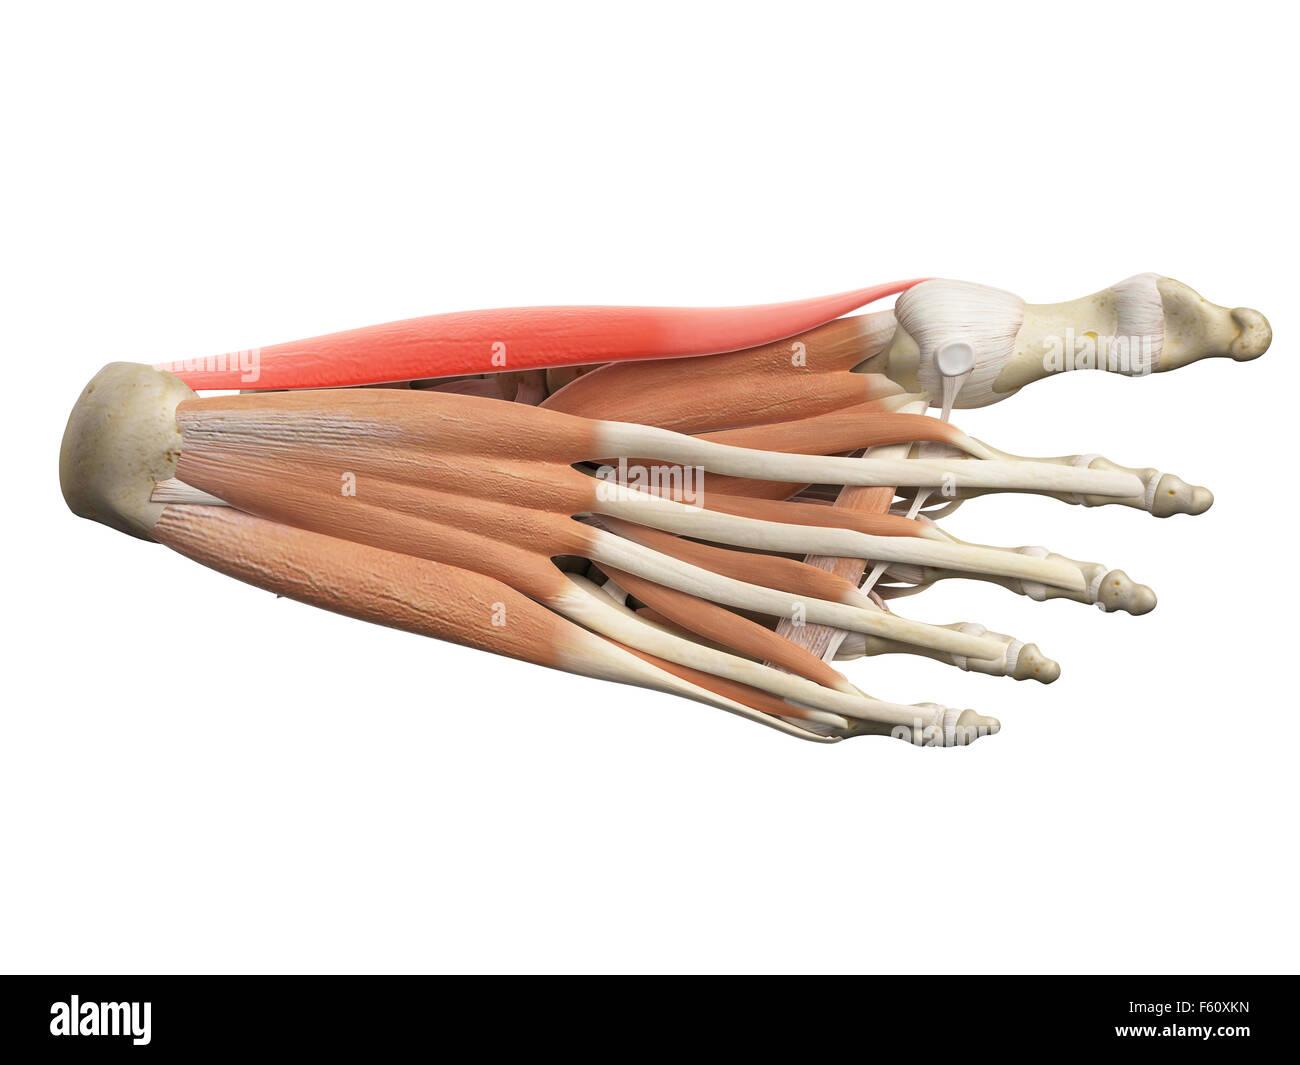 Ilustración médica precisa del hallucis abducto Imagen De Stock